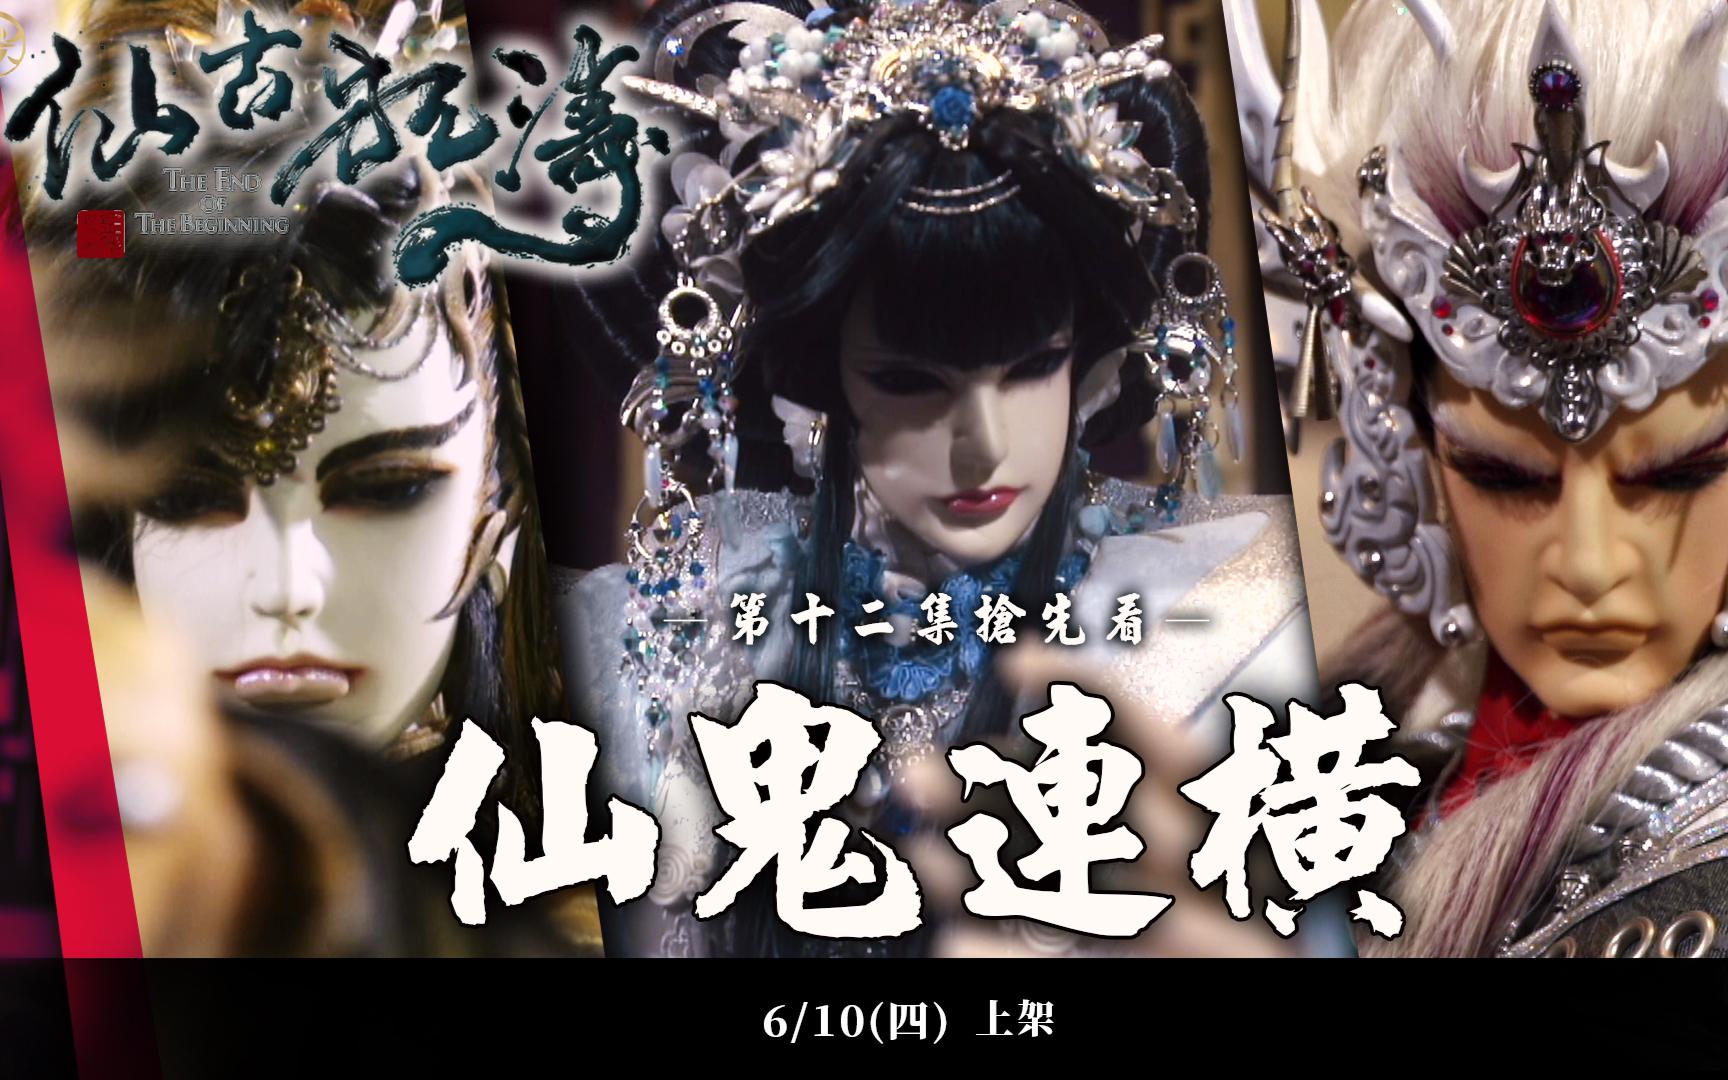 金光御九界之仙古狂涛 第12集 抢先看 仙鬼连横